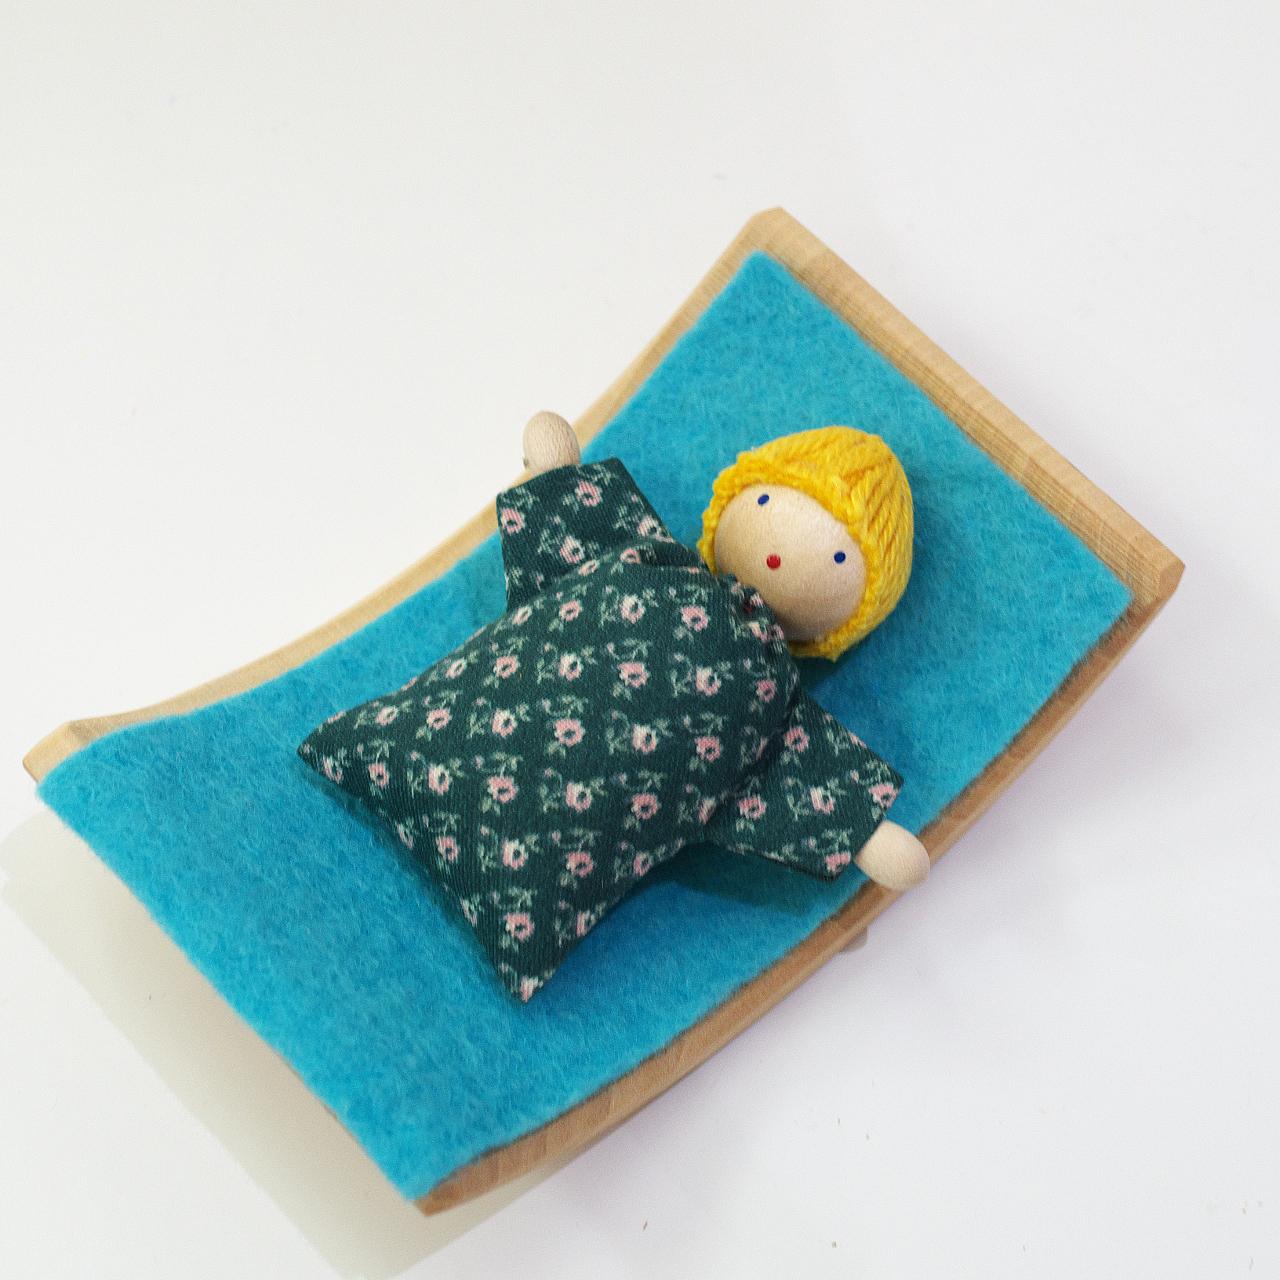 ヘアヴィック製人形 金髪の赤ちゃん